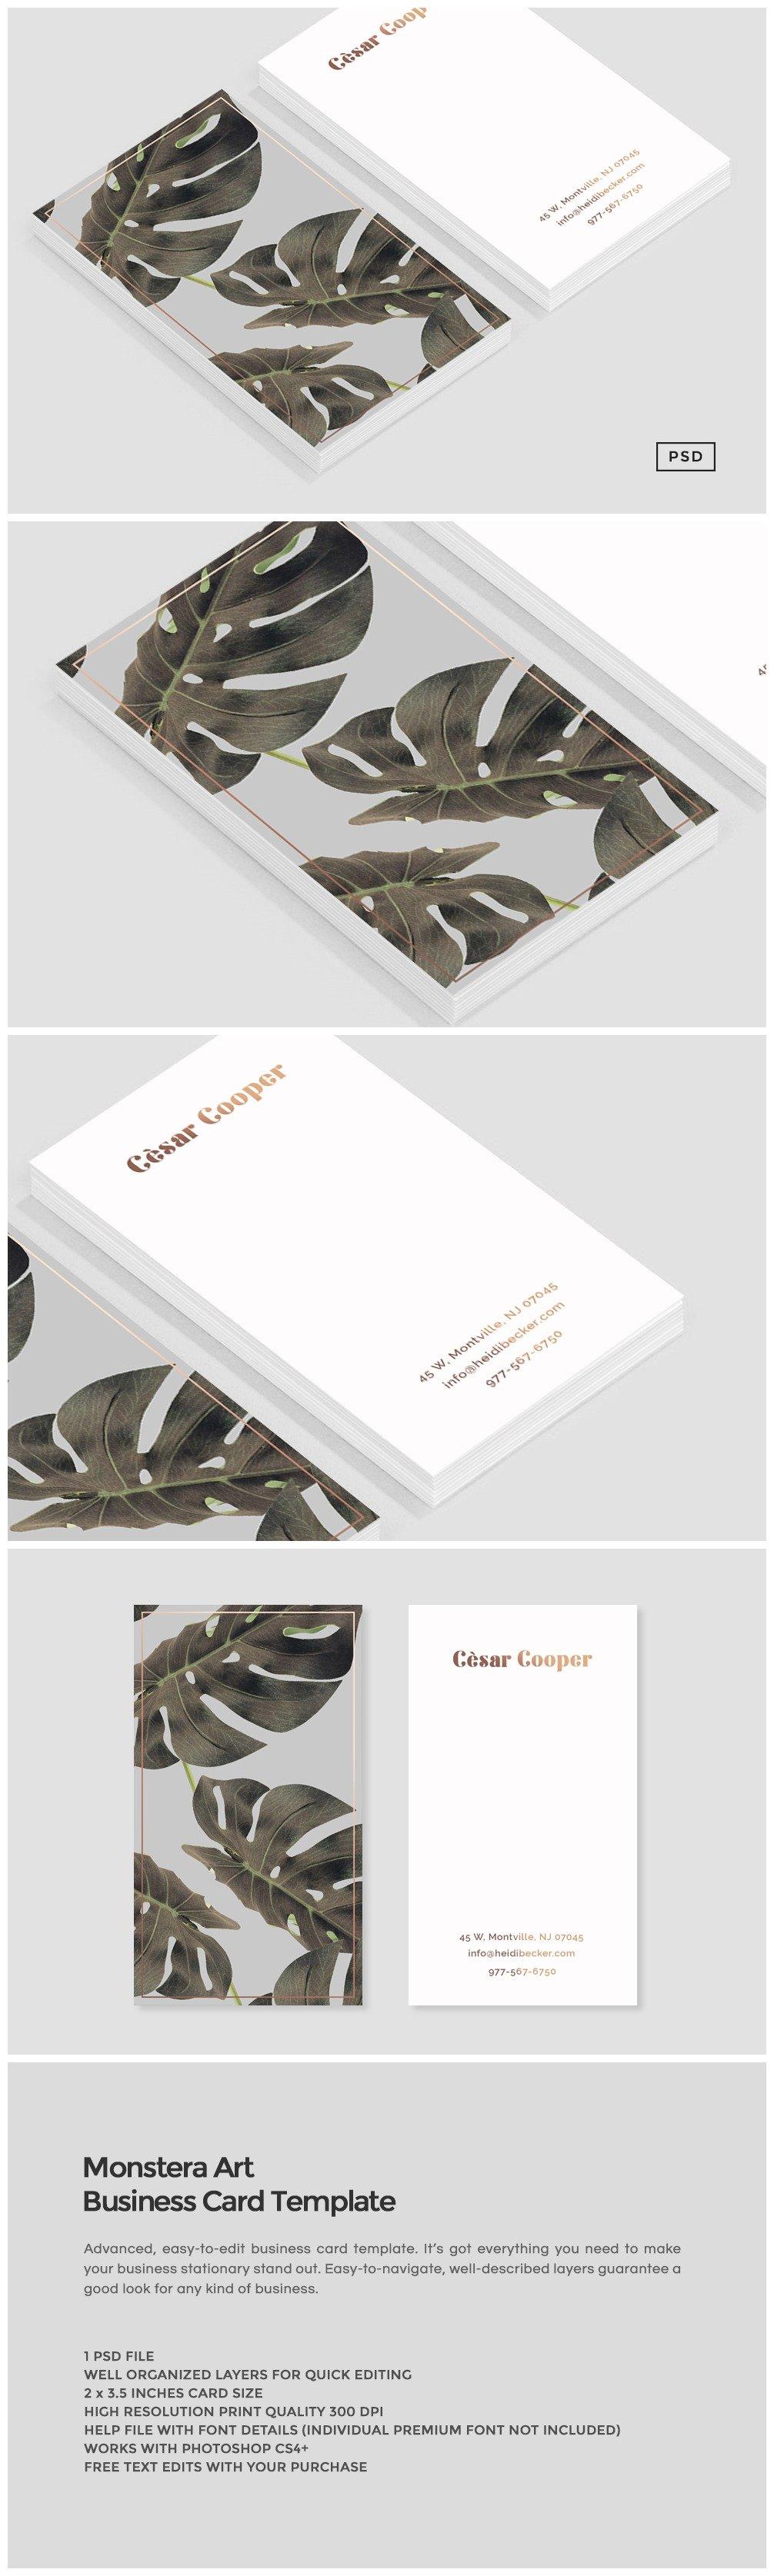 Monstera Art Business Card Template Business Card Templates - Quick business card template